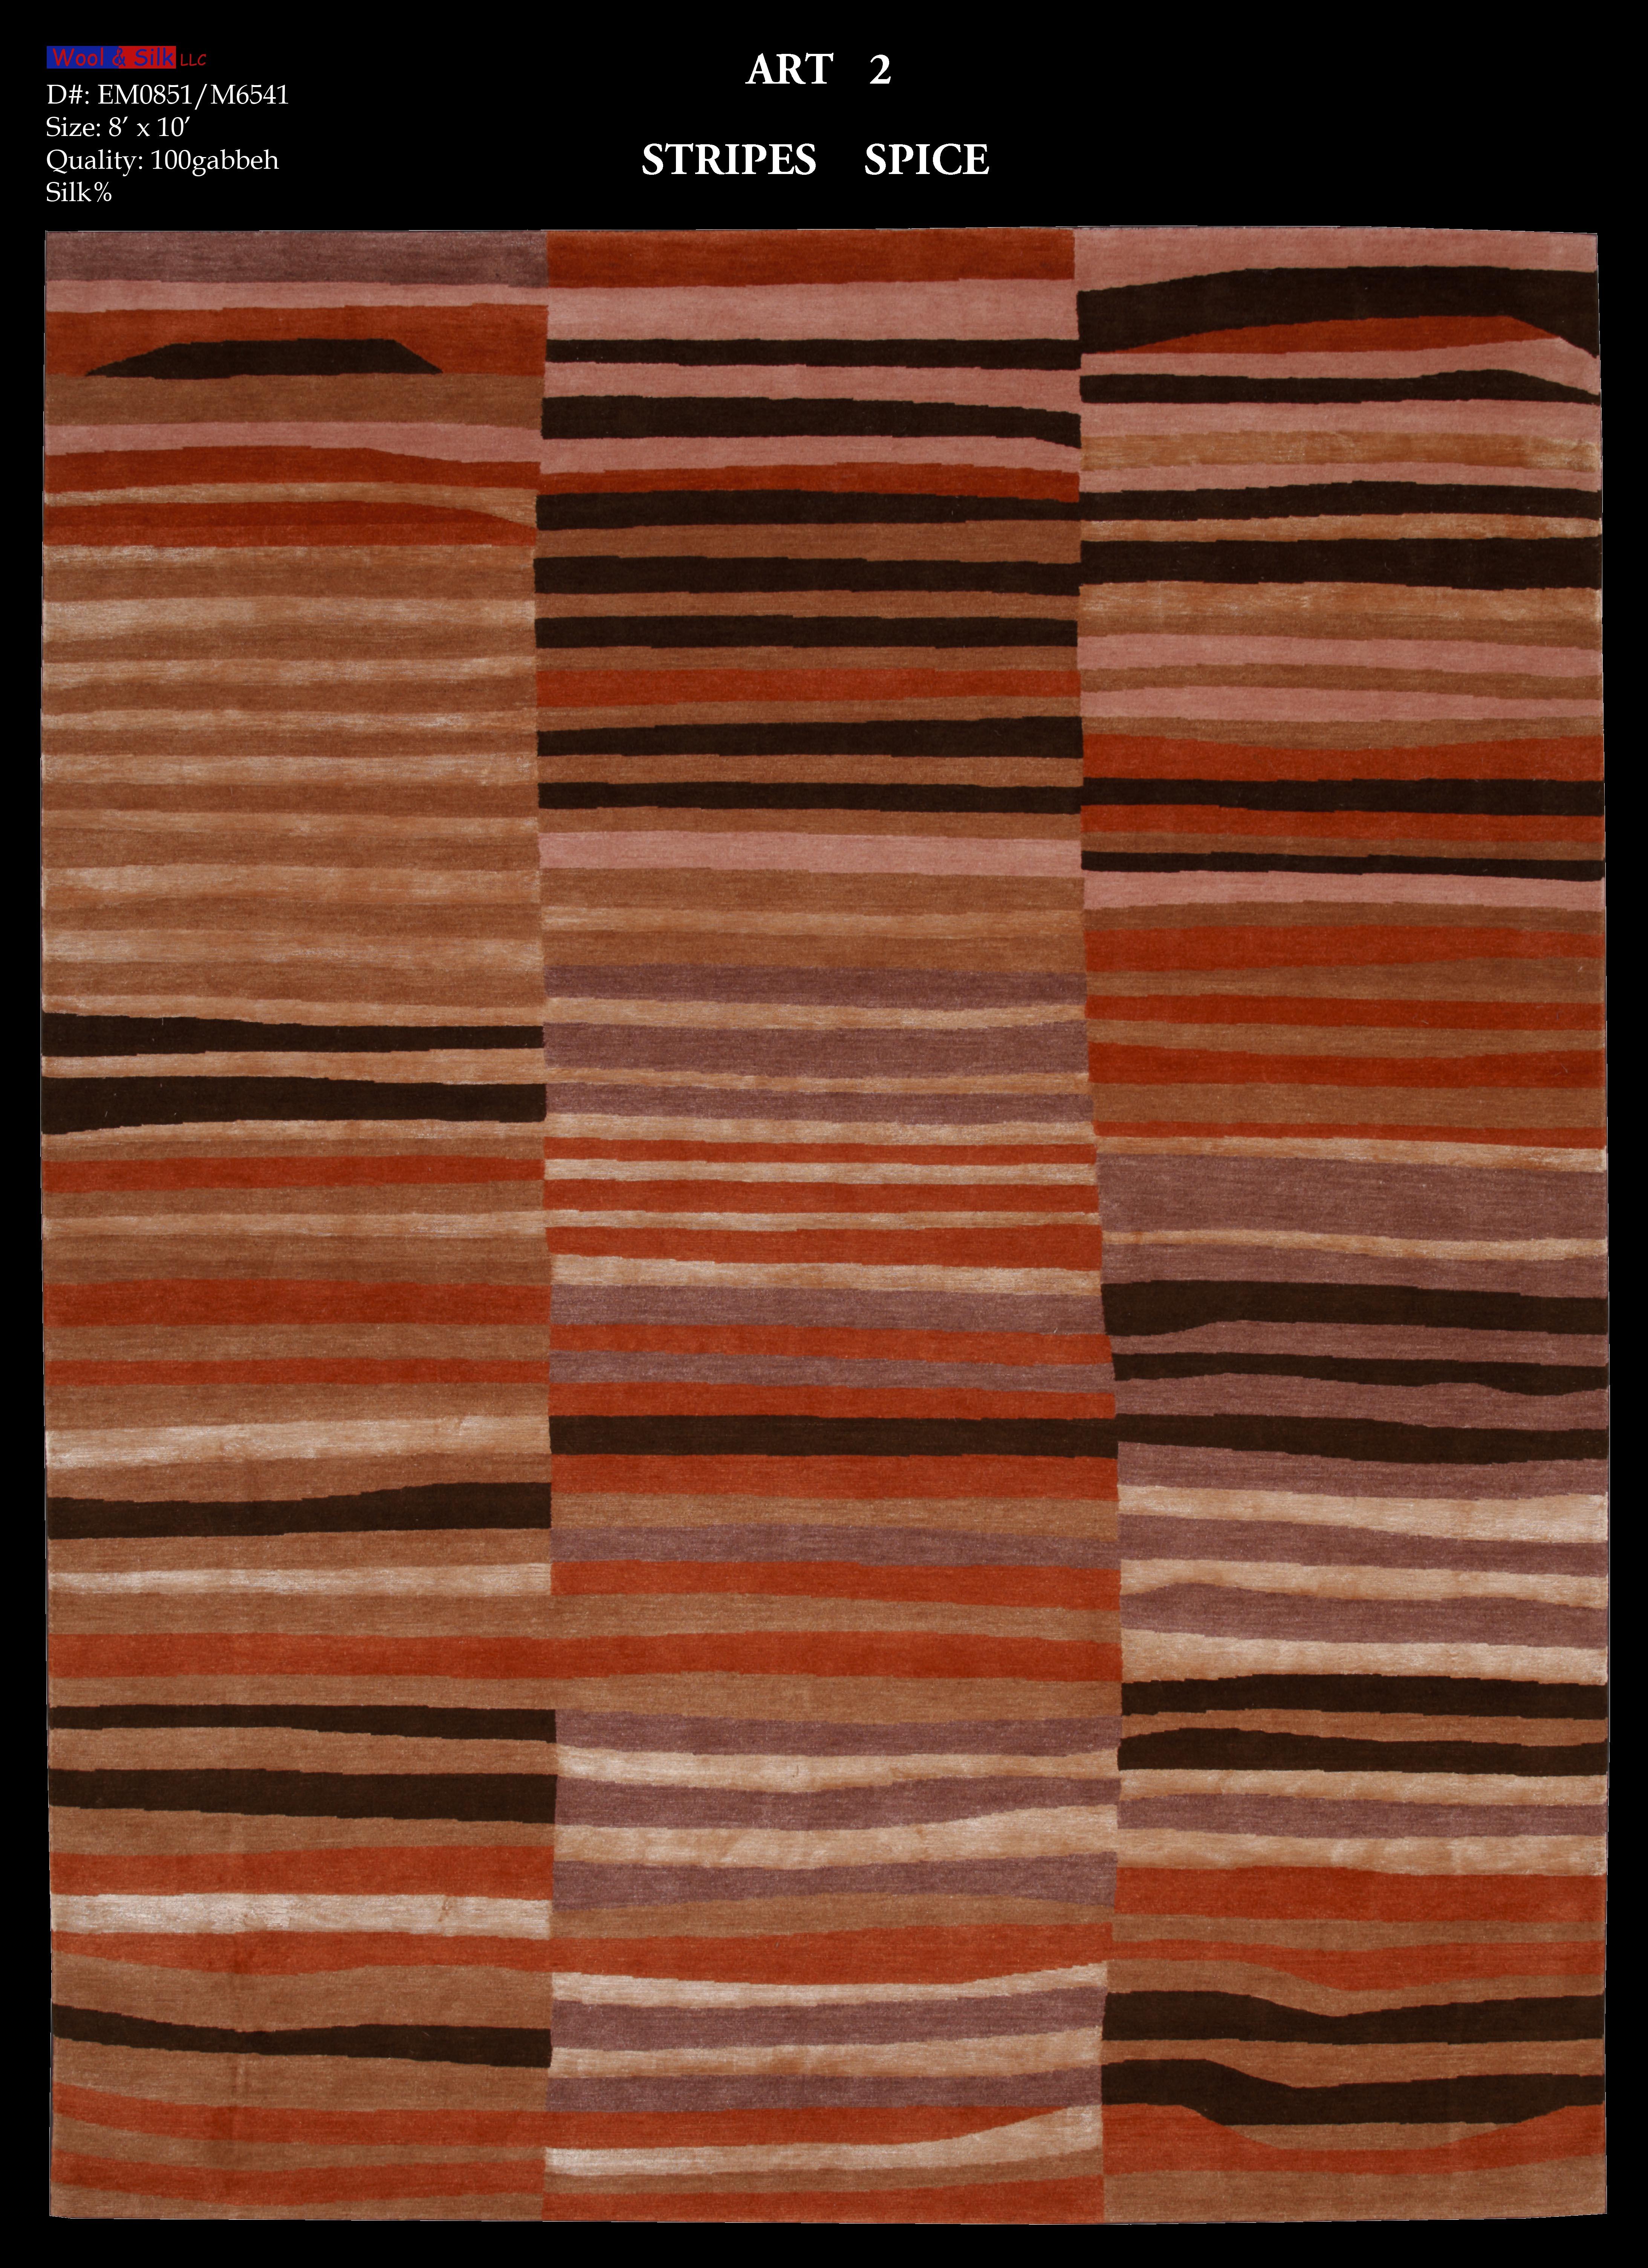 Stripes-Spice(EM0851-M6541) 8'x10'